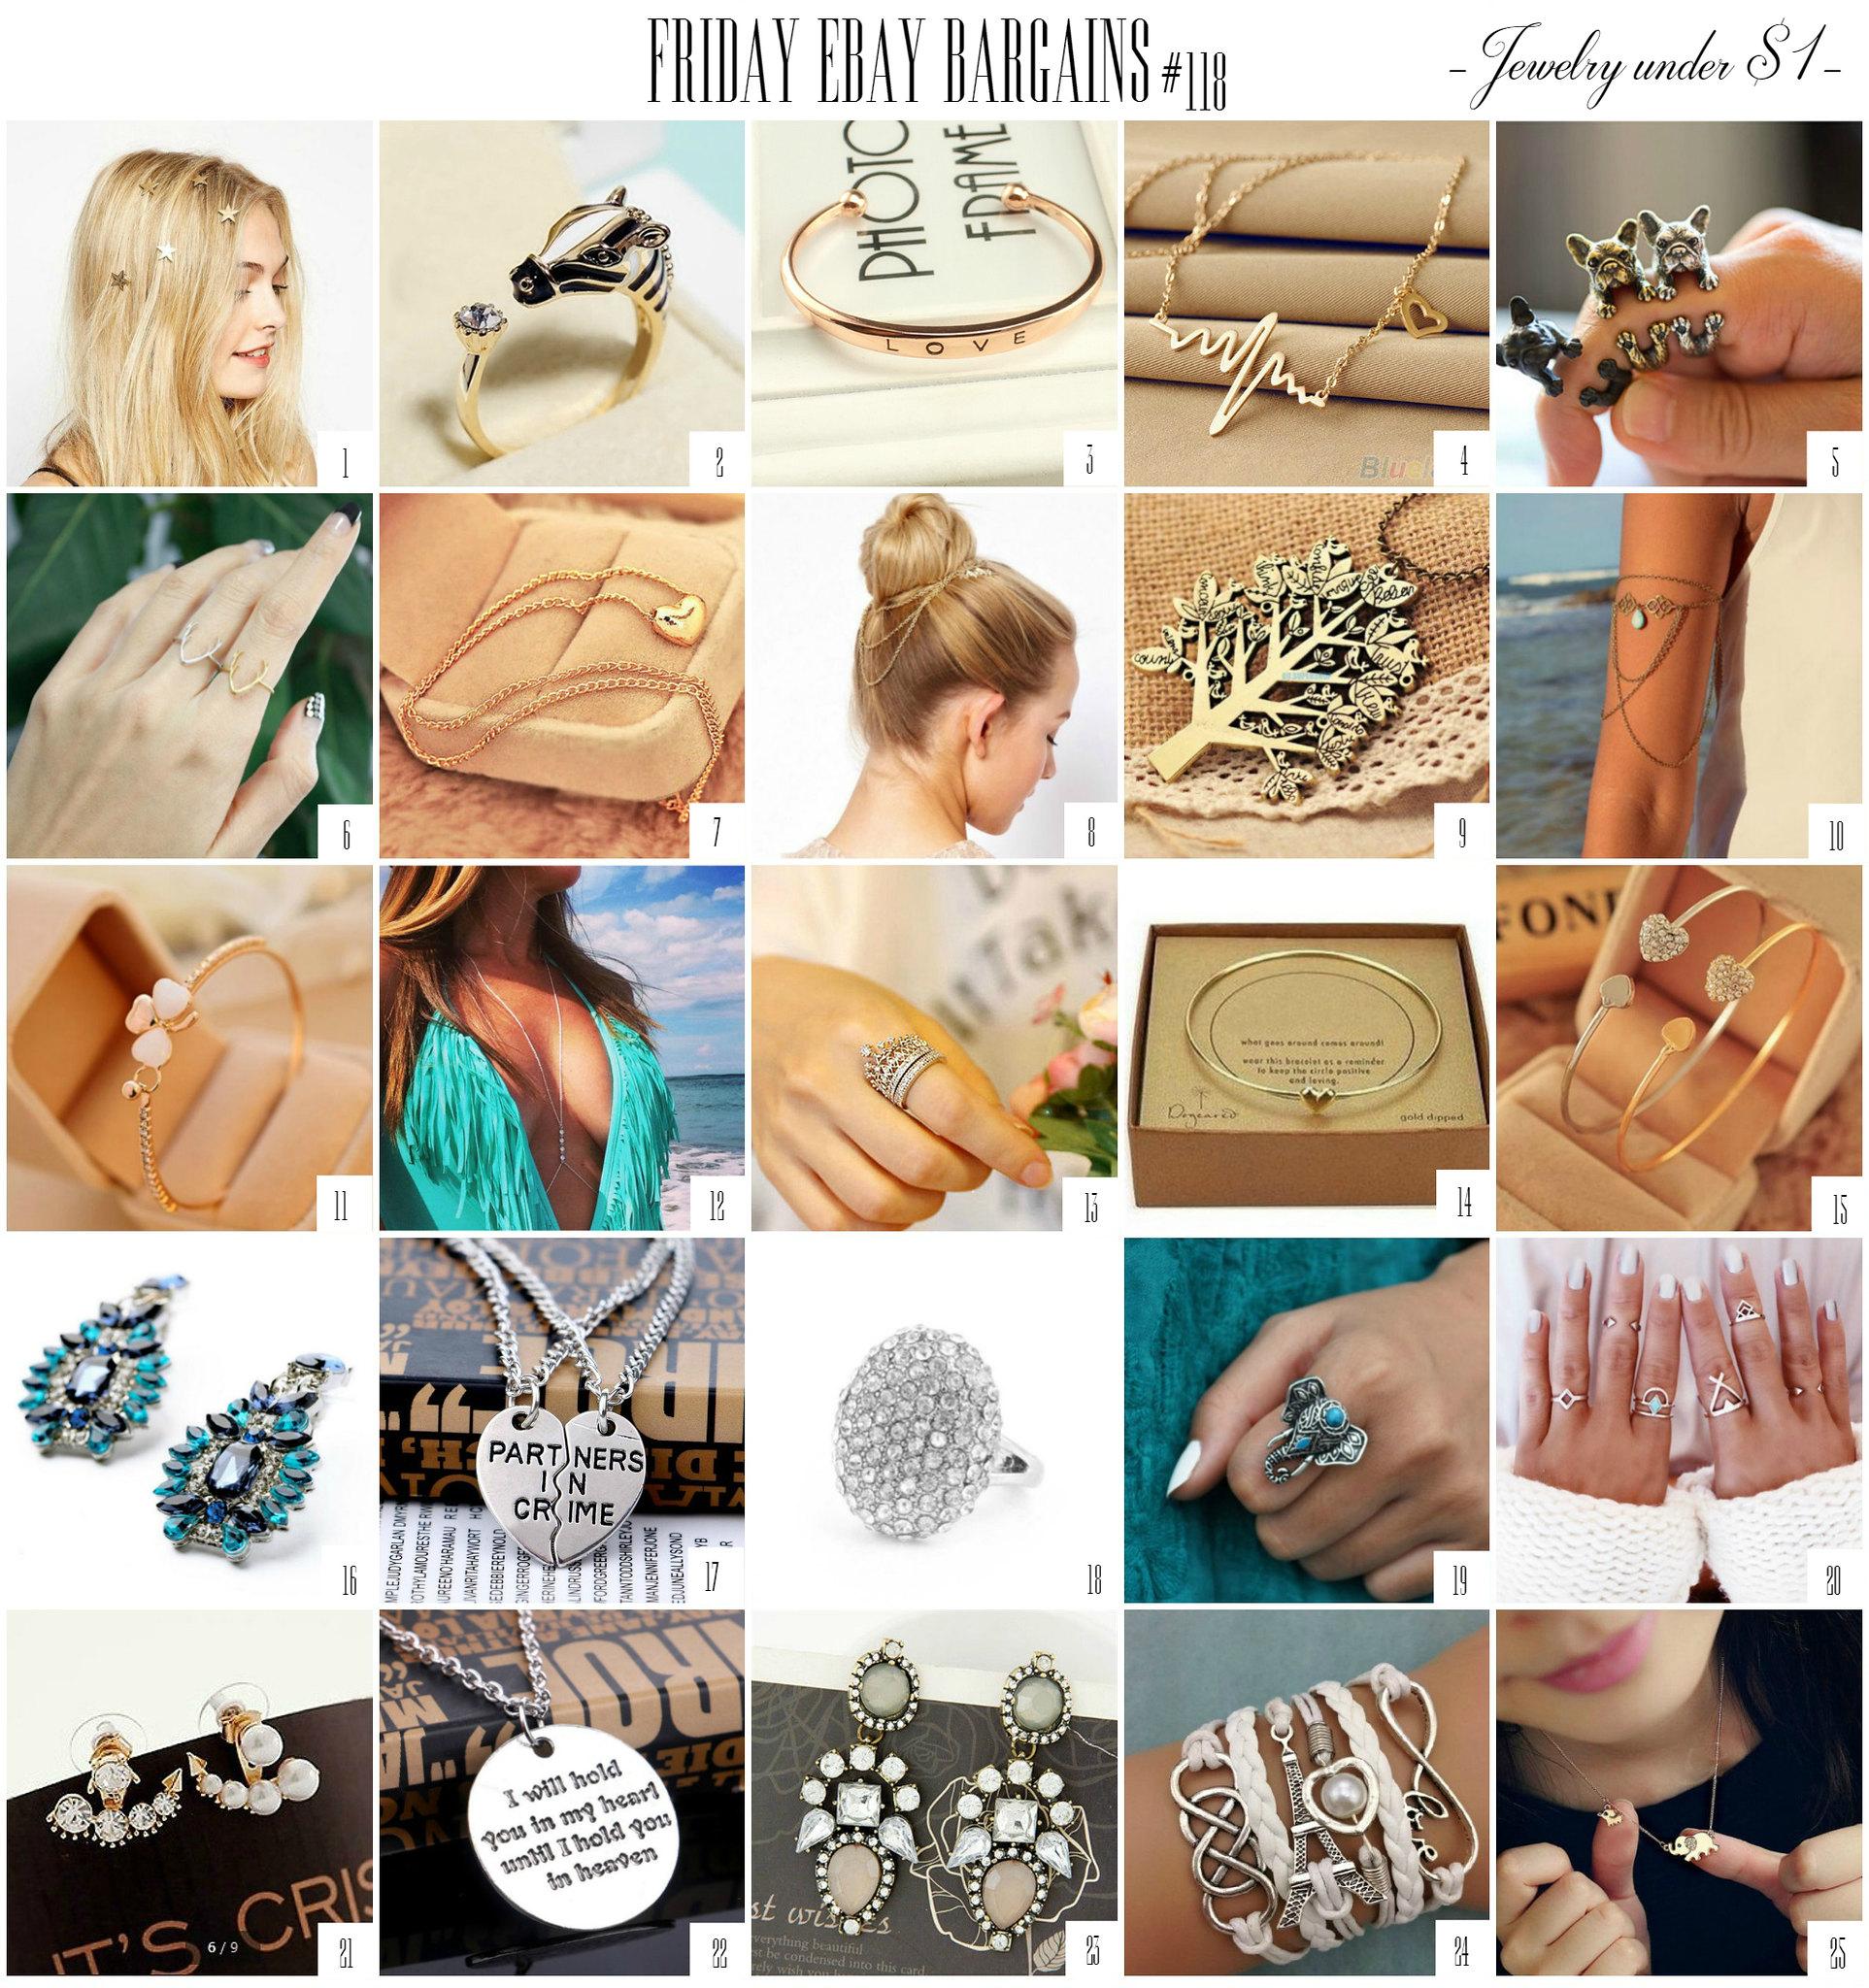 Ebay jewelry bargains under $1